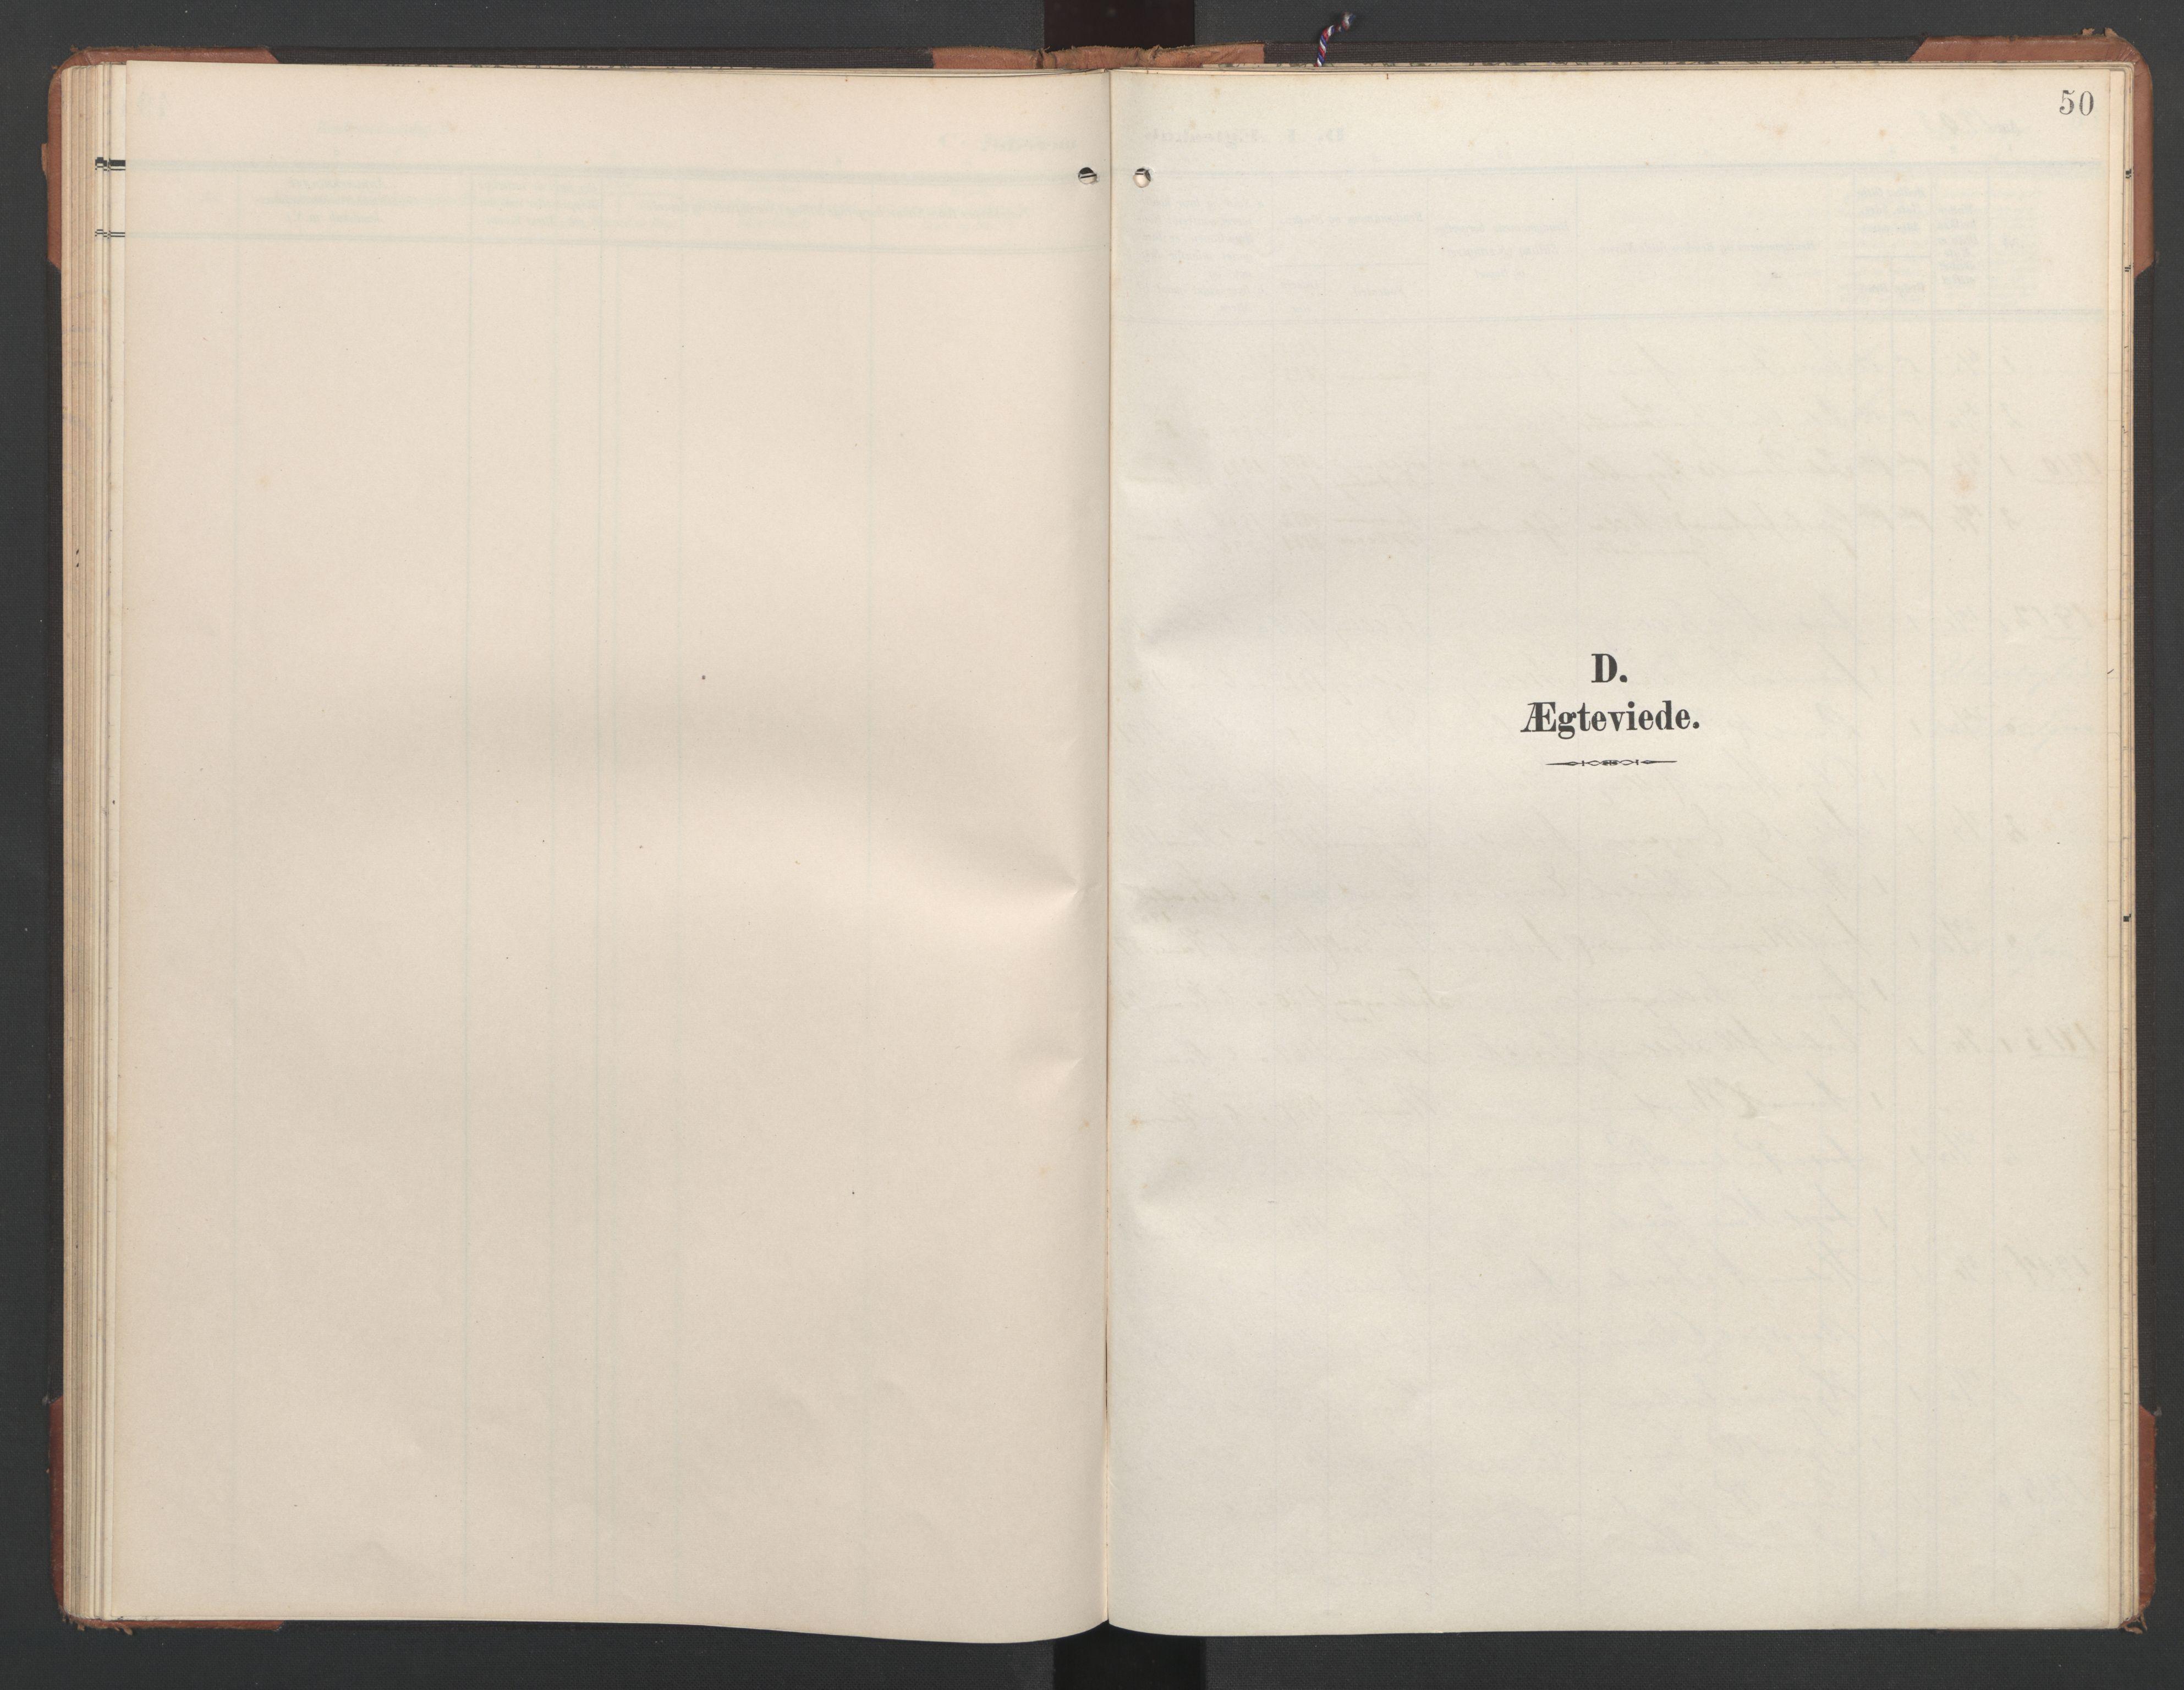 SAT, Ministerialprotokoller, klokkerbøker og fødselsregistre - Nord-Trøndelag, 748/L0465: Klokkerbok nr. 748C01, 1908-1960, s. 50